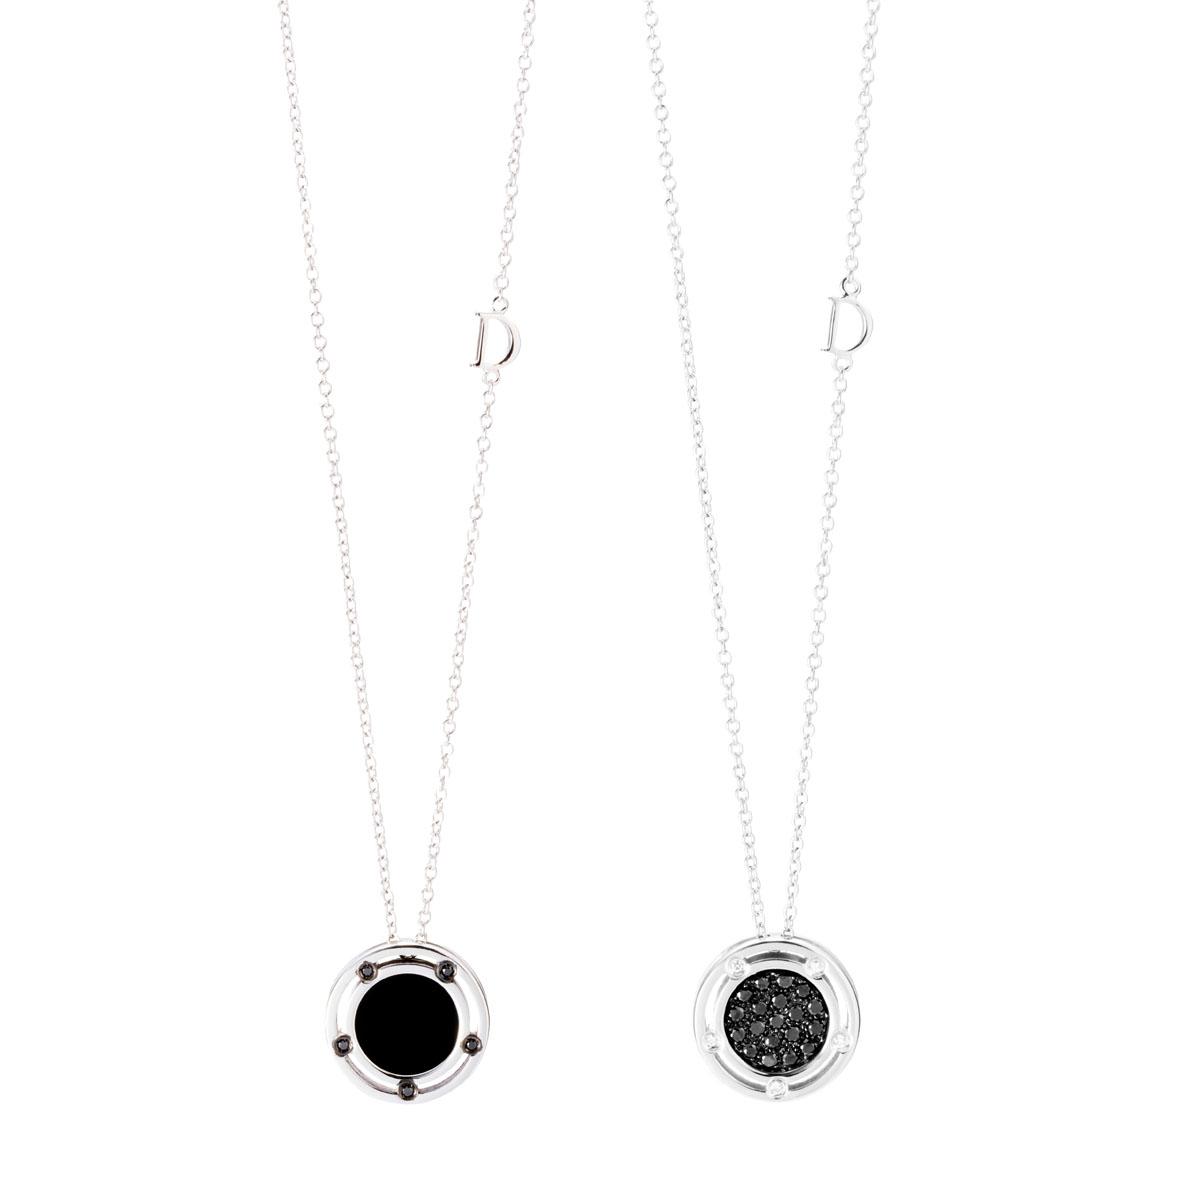 """""""ディ・サイド"""" ネックレス〈WG、ダイヤモンド、ブラックダイヤモンド、オニキス〉¥194,000、同ネックレス〈WG、ダイヤモンド、ブラックダイヤモンド〉¥237,700"""